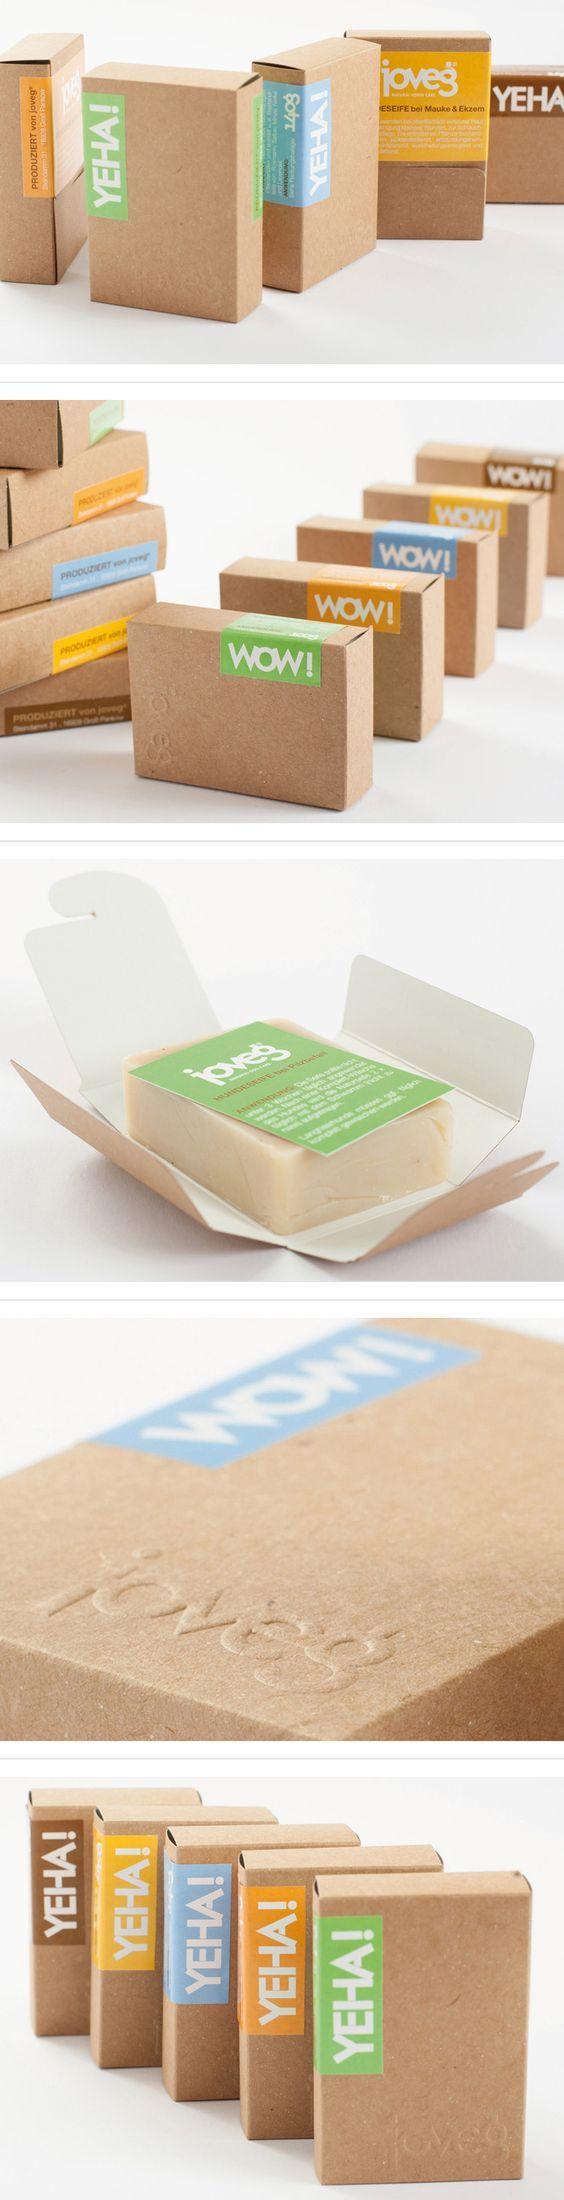 Dit zijn precies de kleurtjes die we bij Papiergoed ook zo mooi vinden   Packaging Design for joveg®